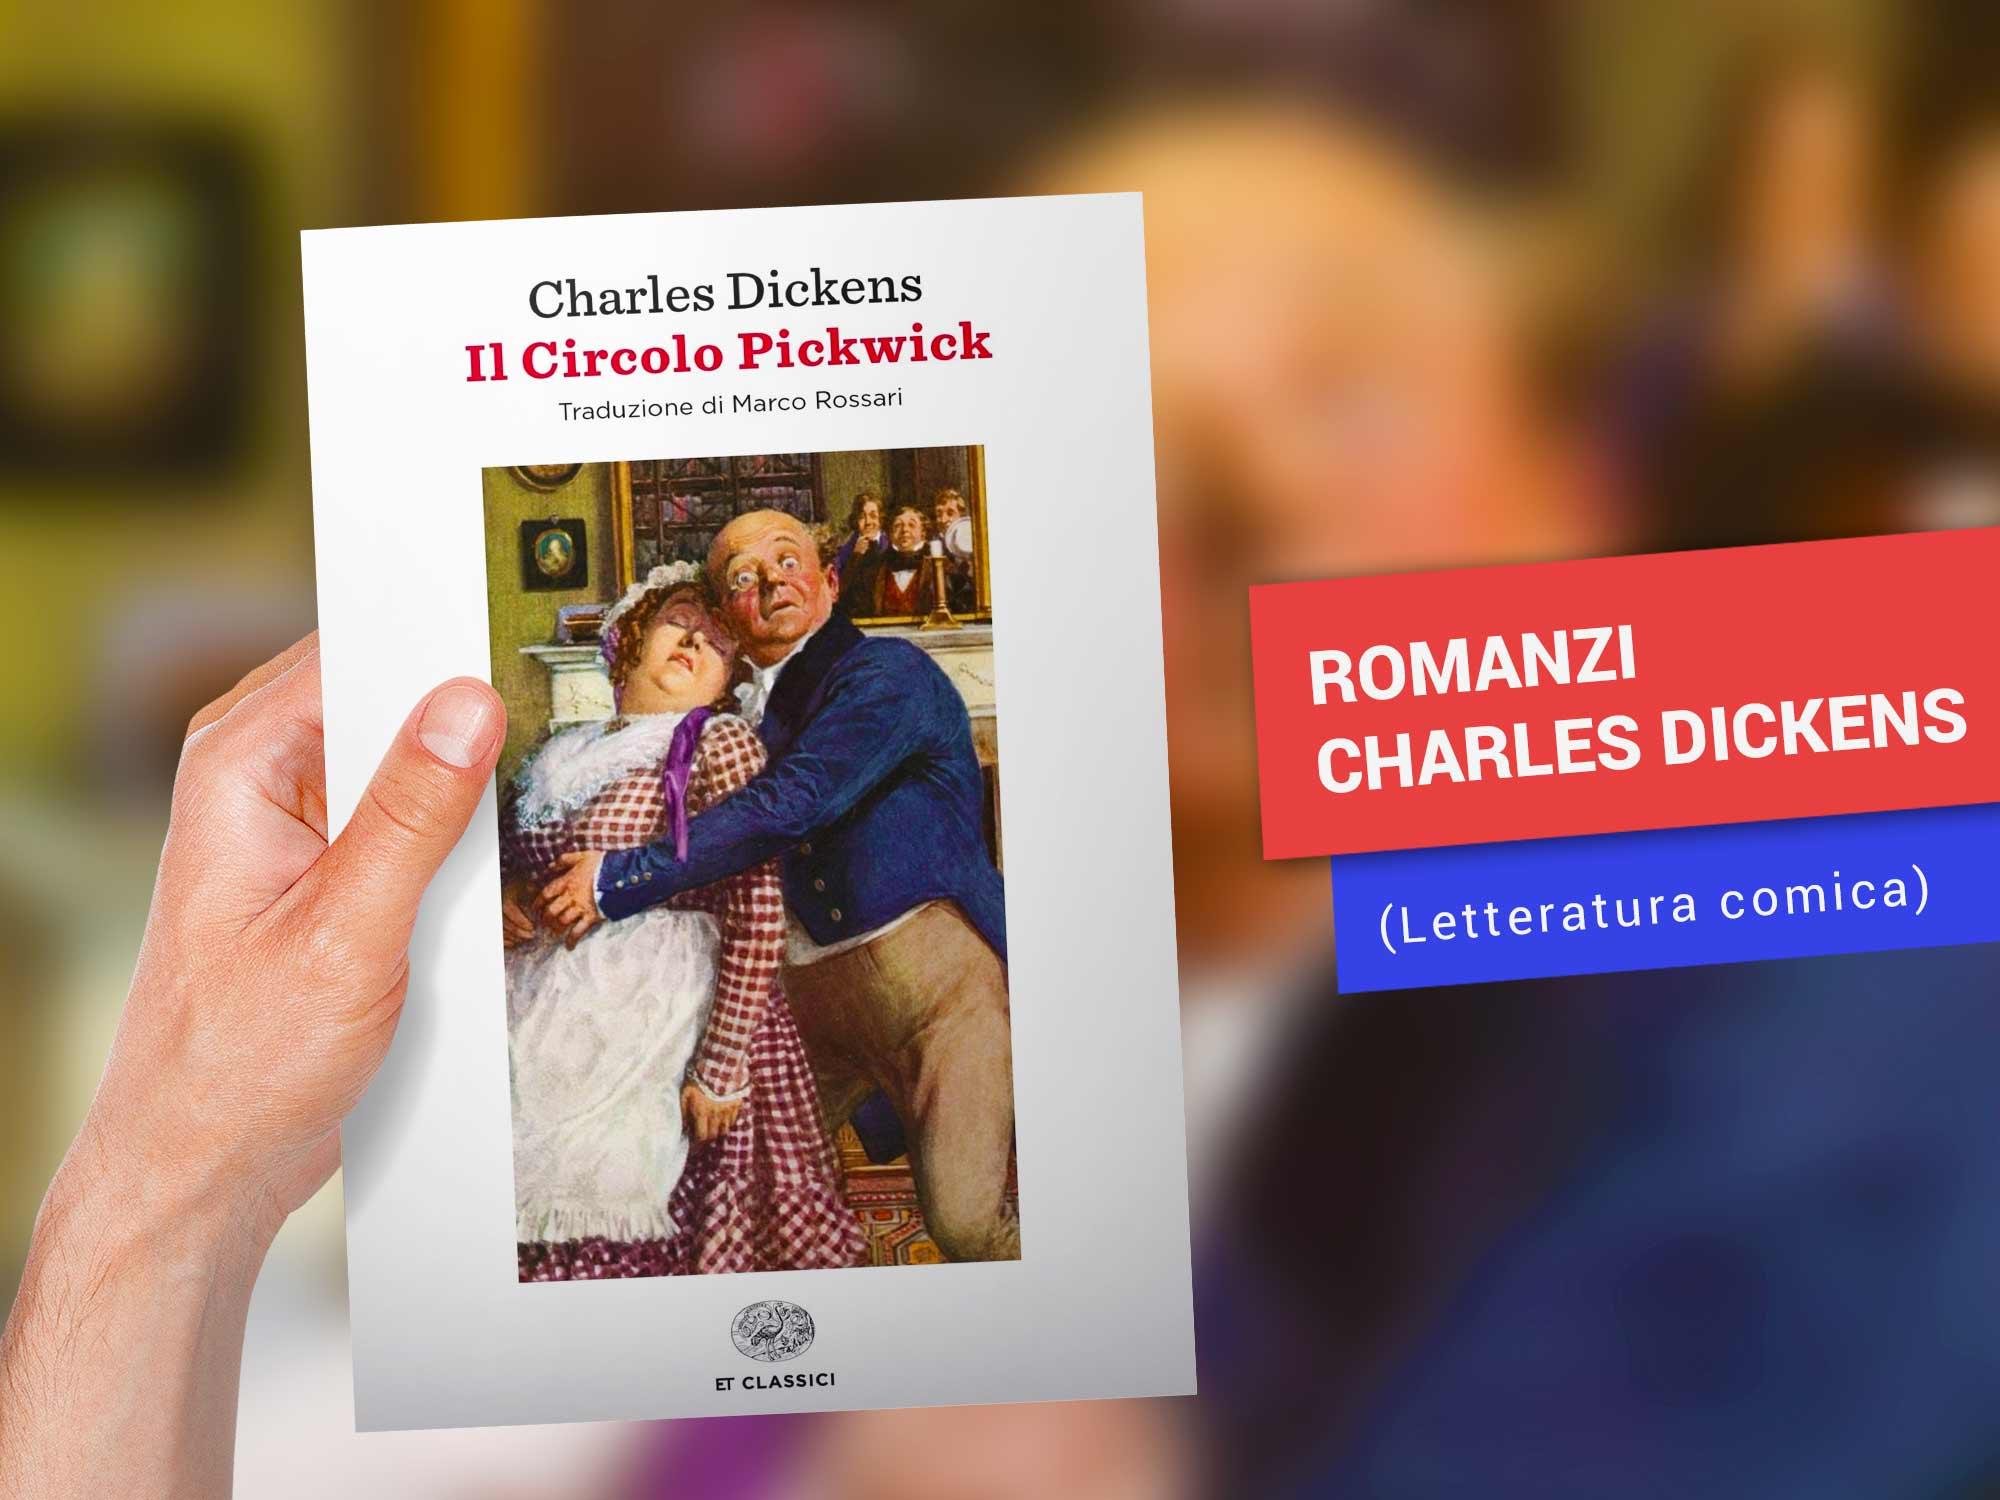 charles-dickens-romanzi